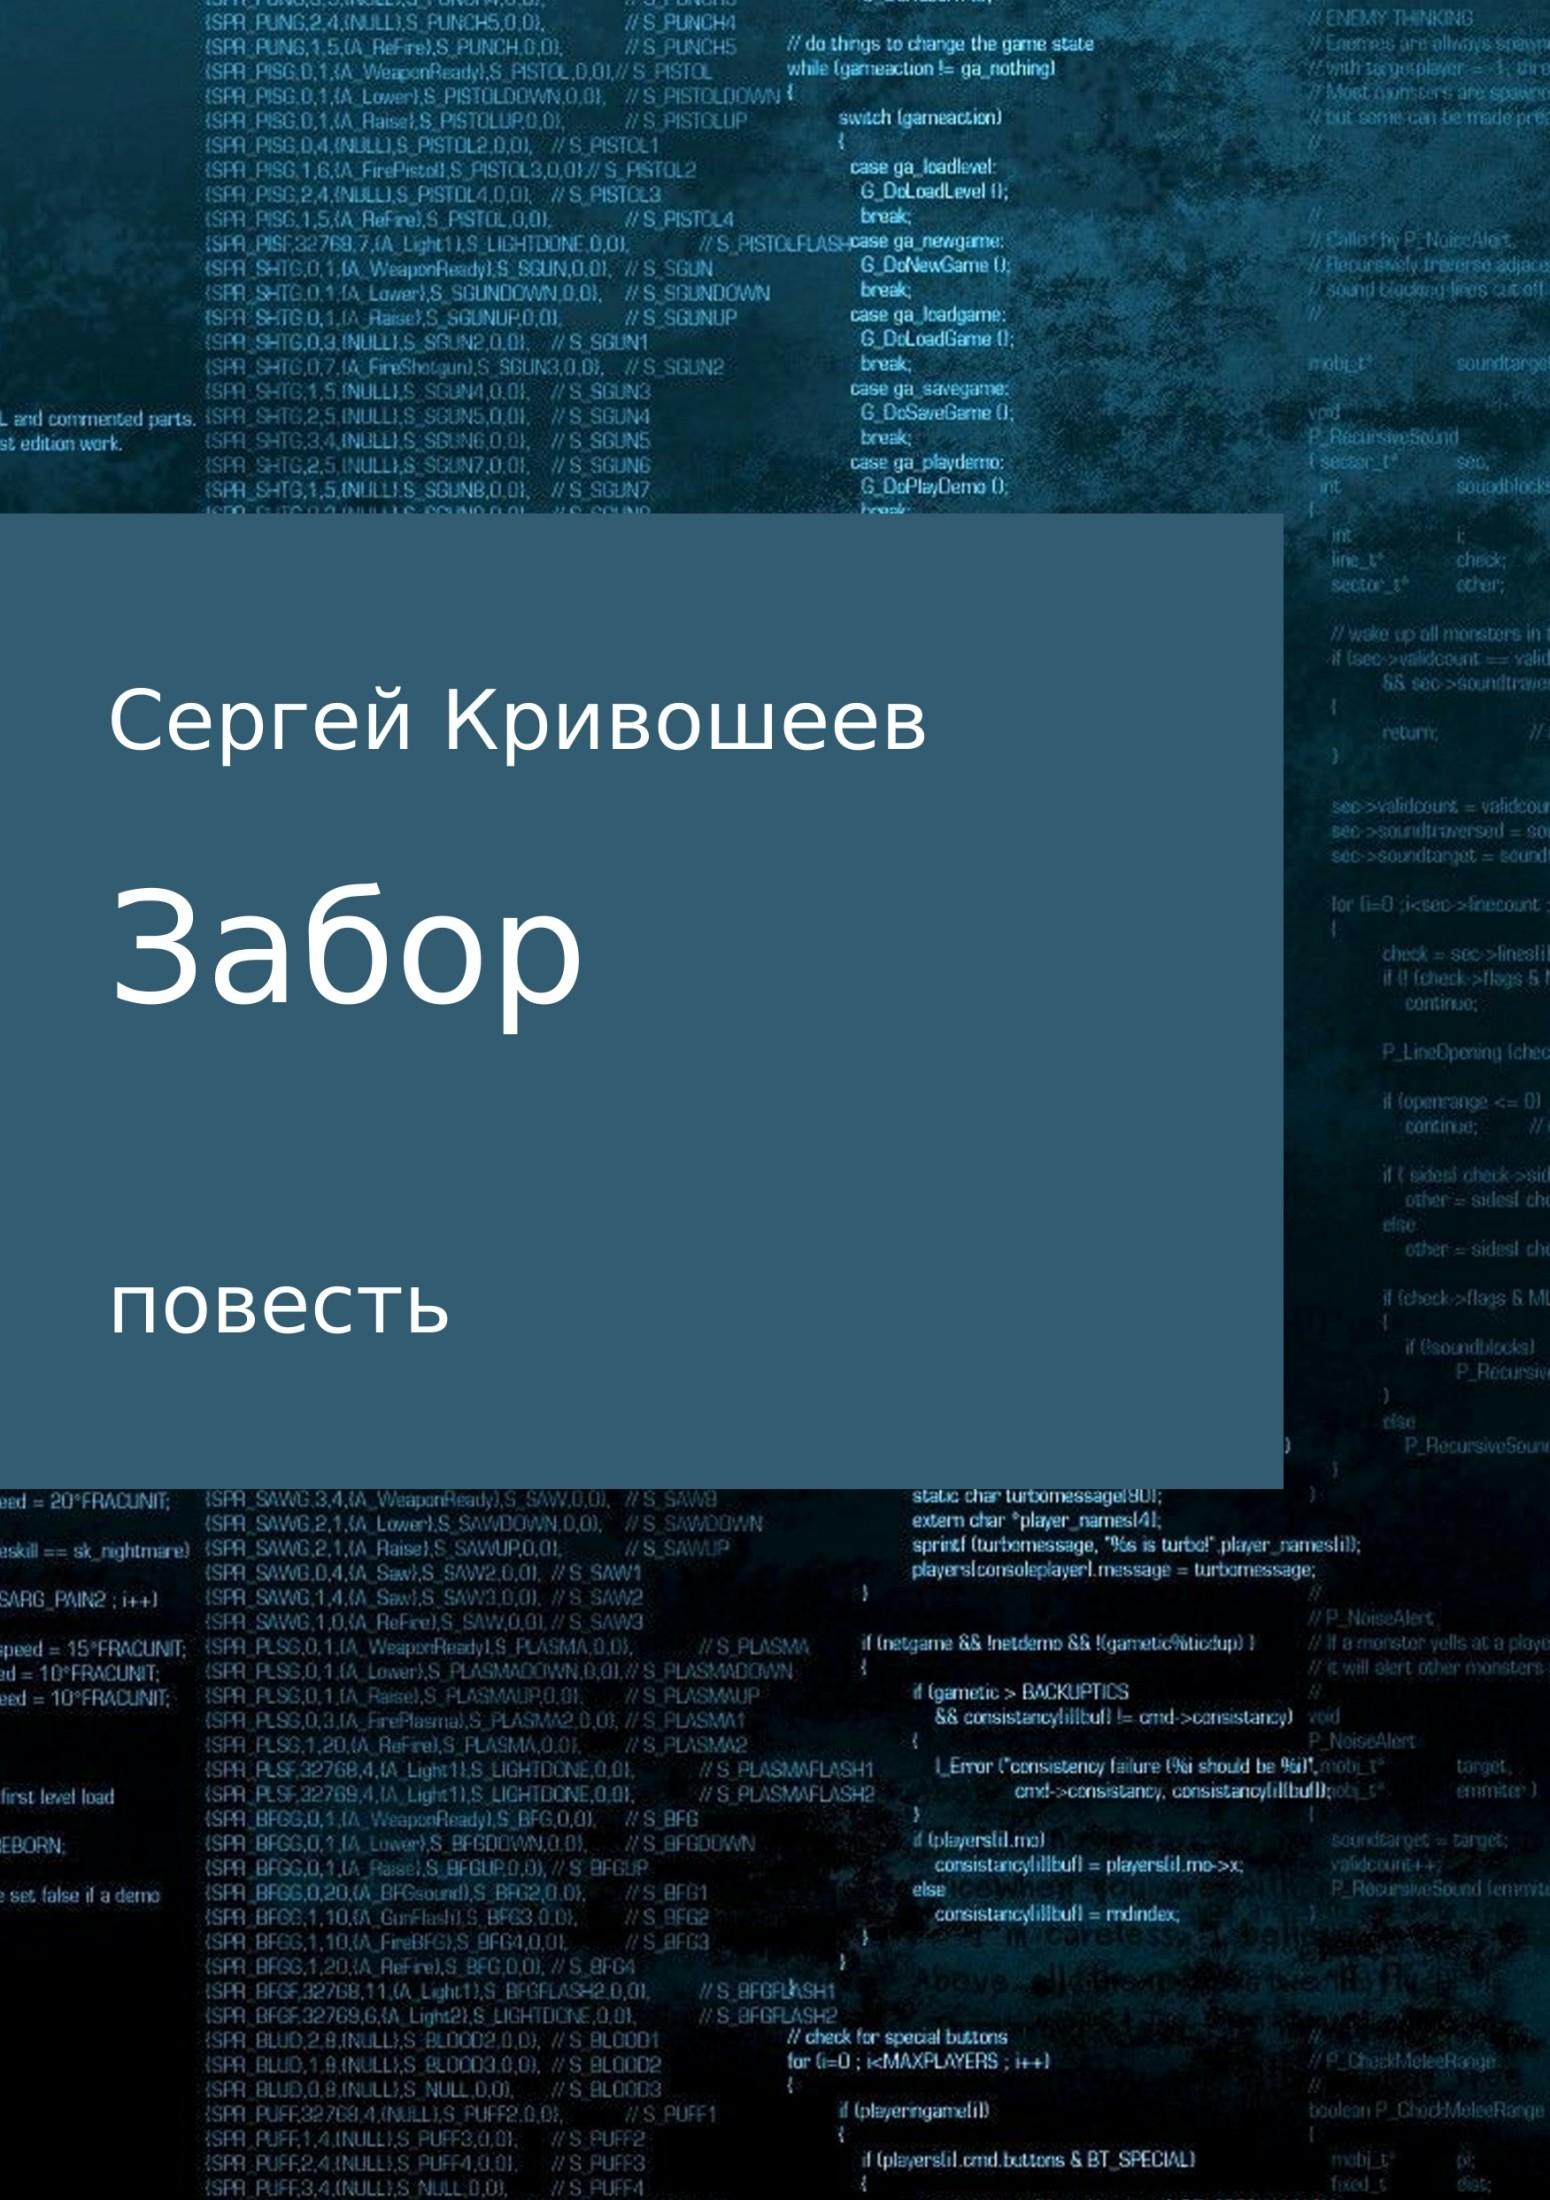 Сергей Александрович Кривошеев бесплатно